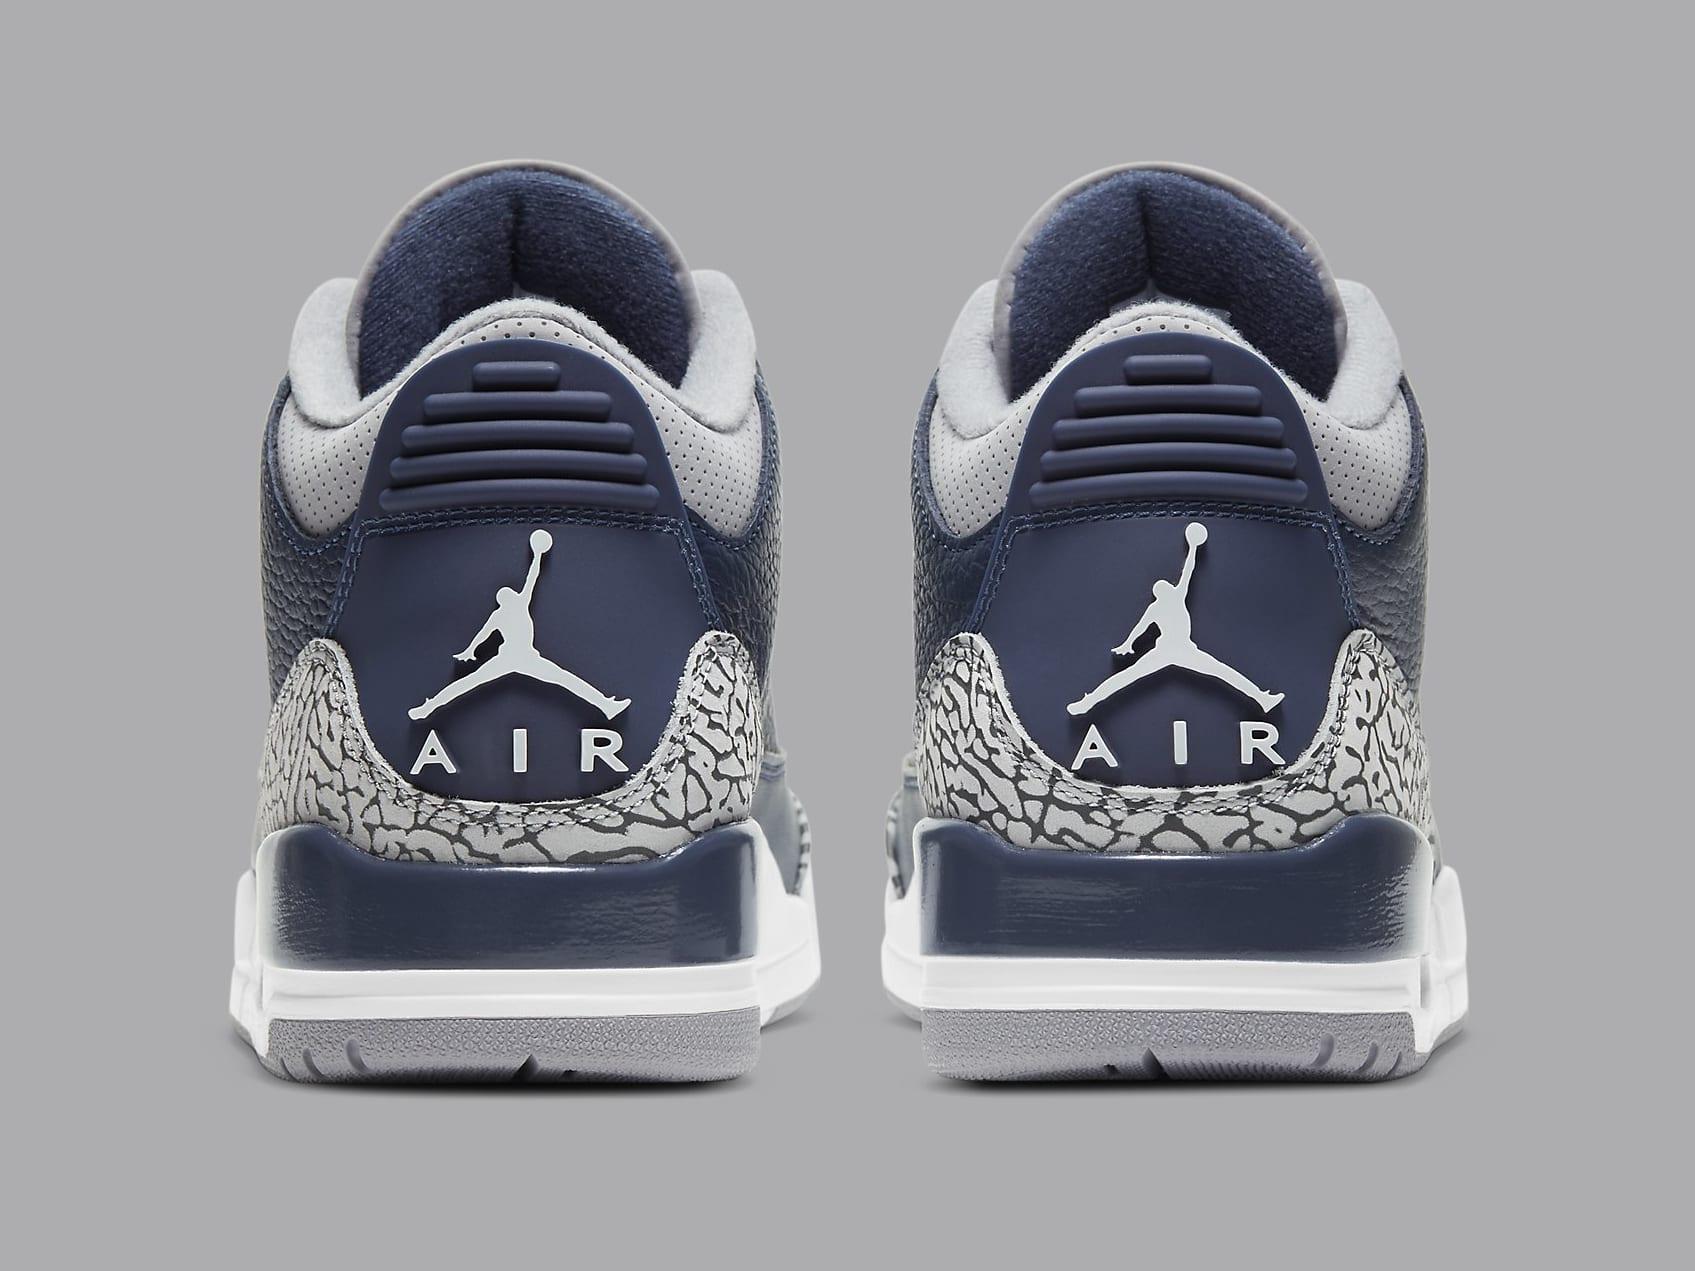 Air Jordan 3 Midnight Navy Release Date CT8532-401 Heel